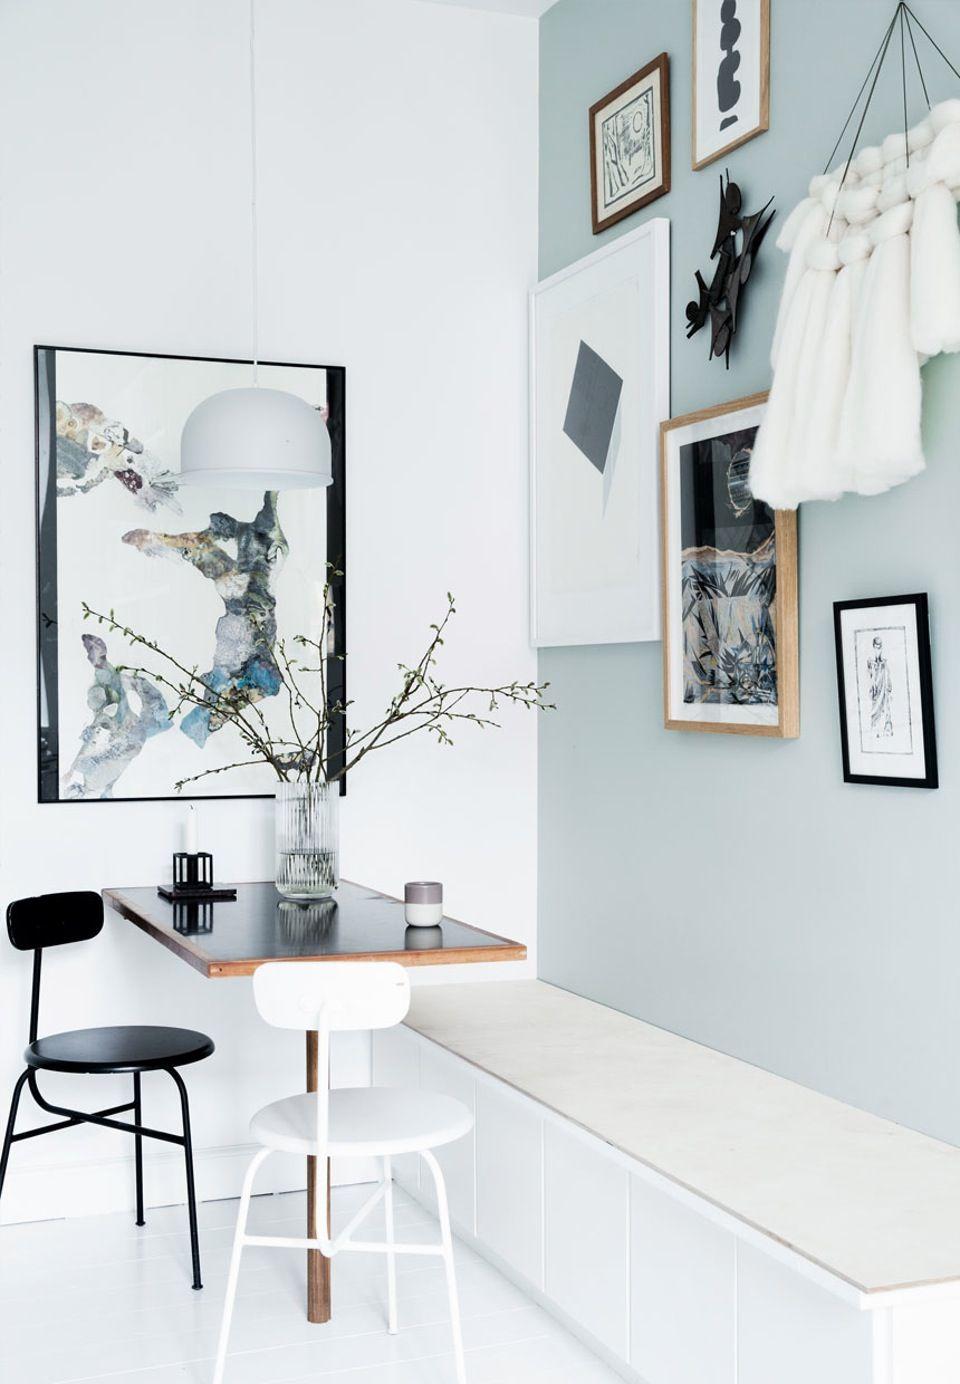 Spiseplads med fint kunst på væggen